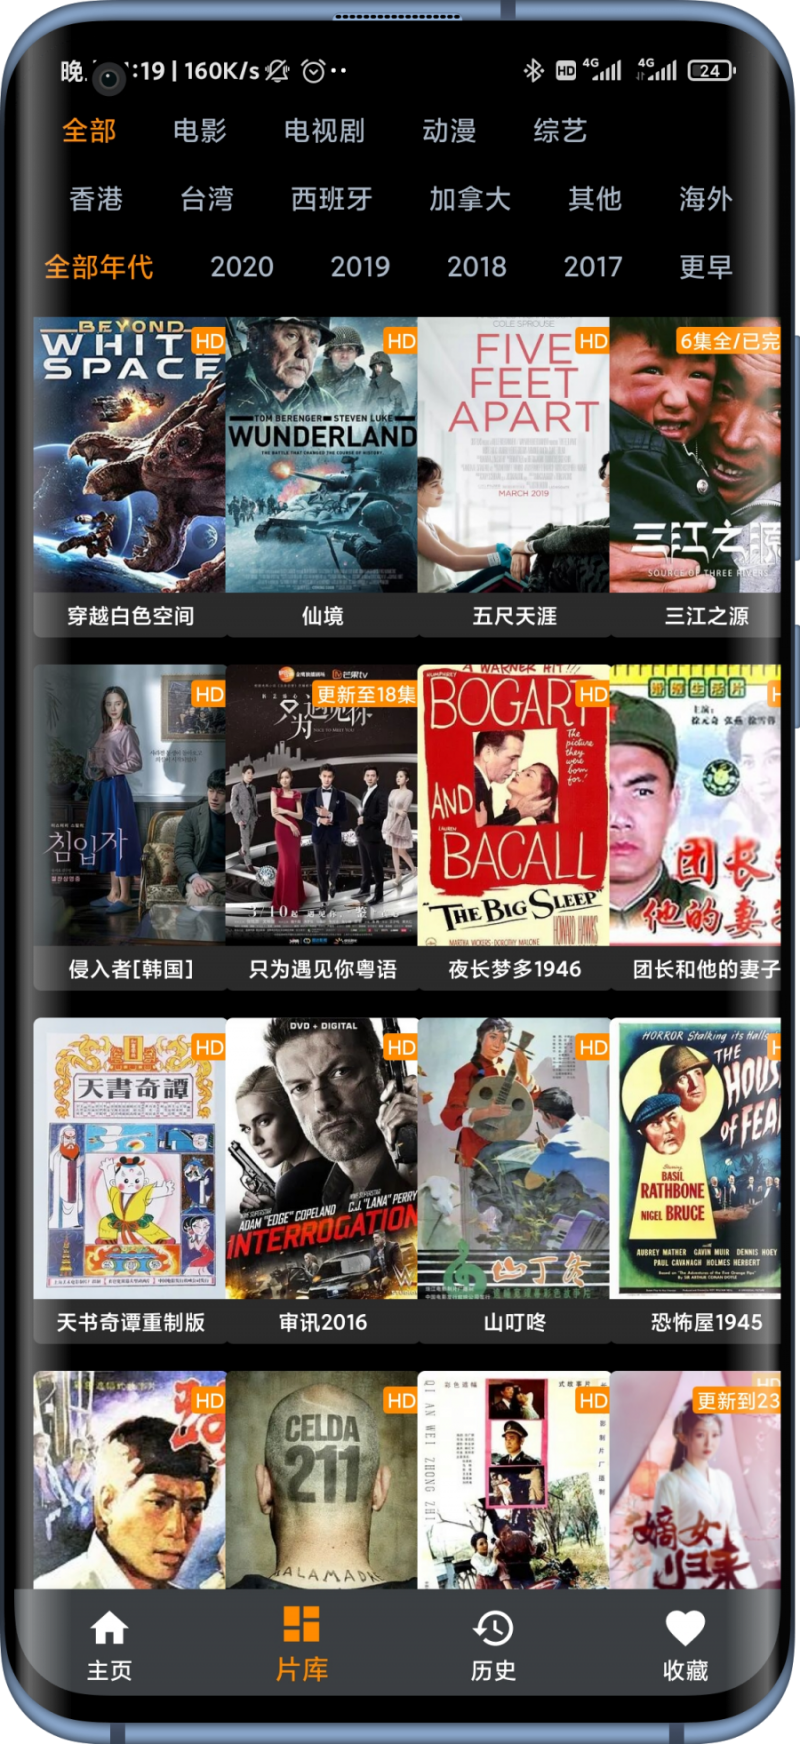 5ff25e133ffa7d37b387110d 各种高分影视、热门电视剧、动漫综艺等推荐--猫猫影视(安卓)